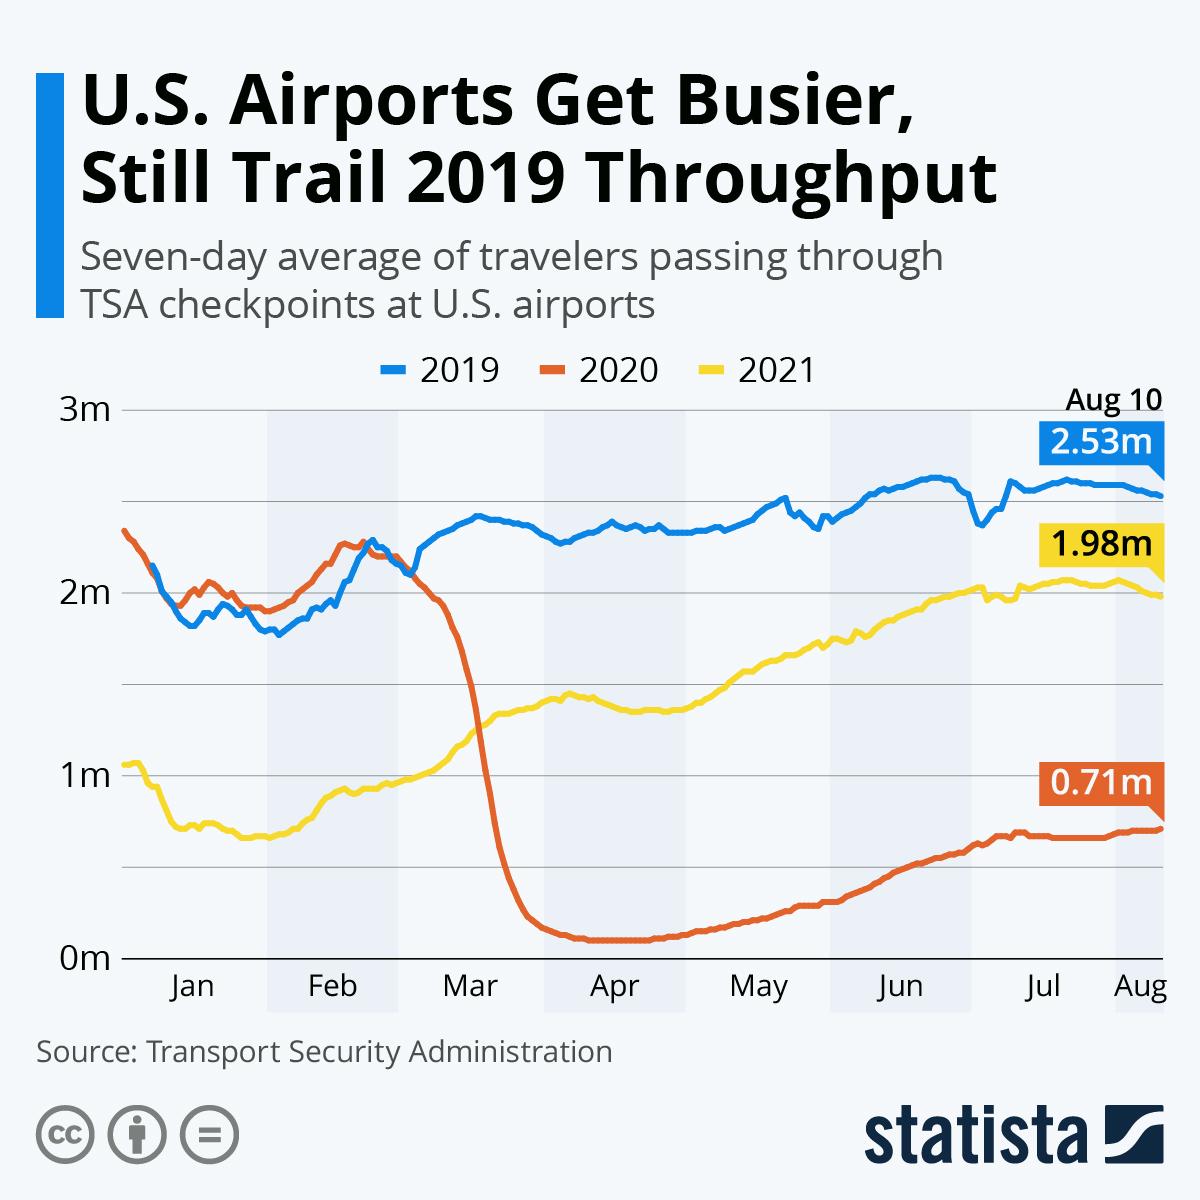 U.S. Airports Get Busier, Still Trail 2019 Throughput